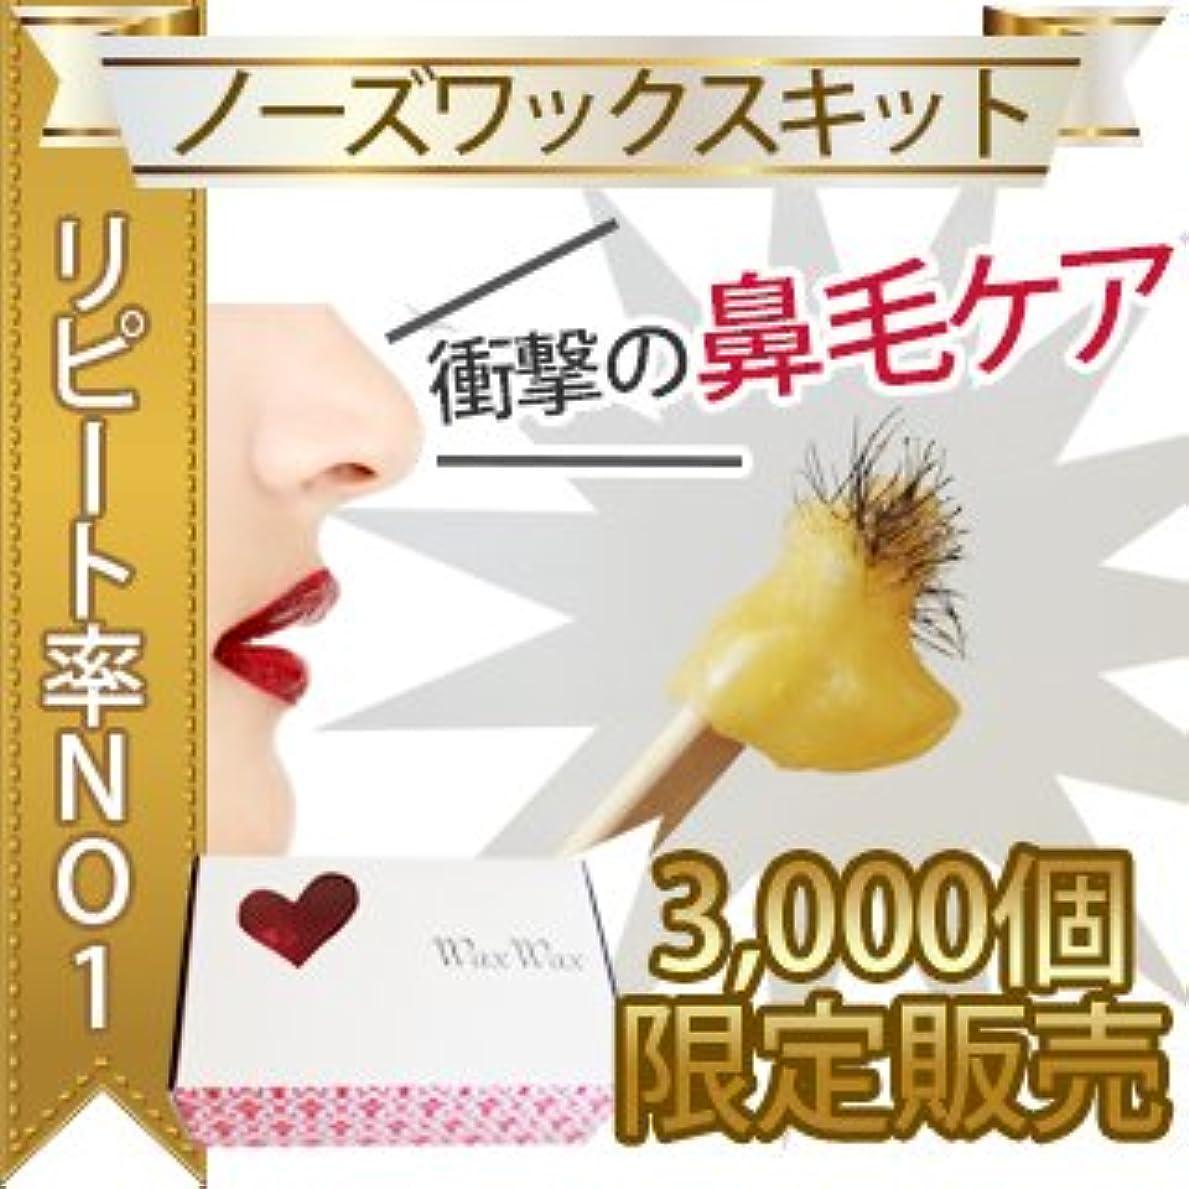 マグ自然分離する【3000個限定】鼻毛キット 約3回分 ノーズキット セルフ用